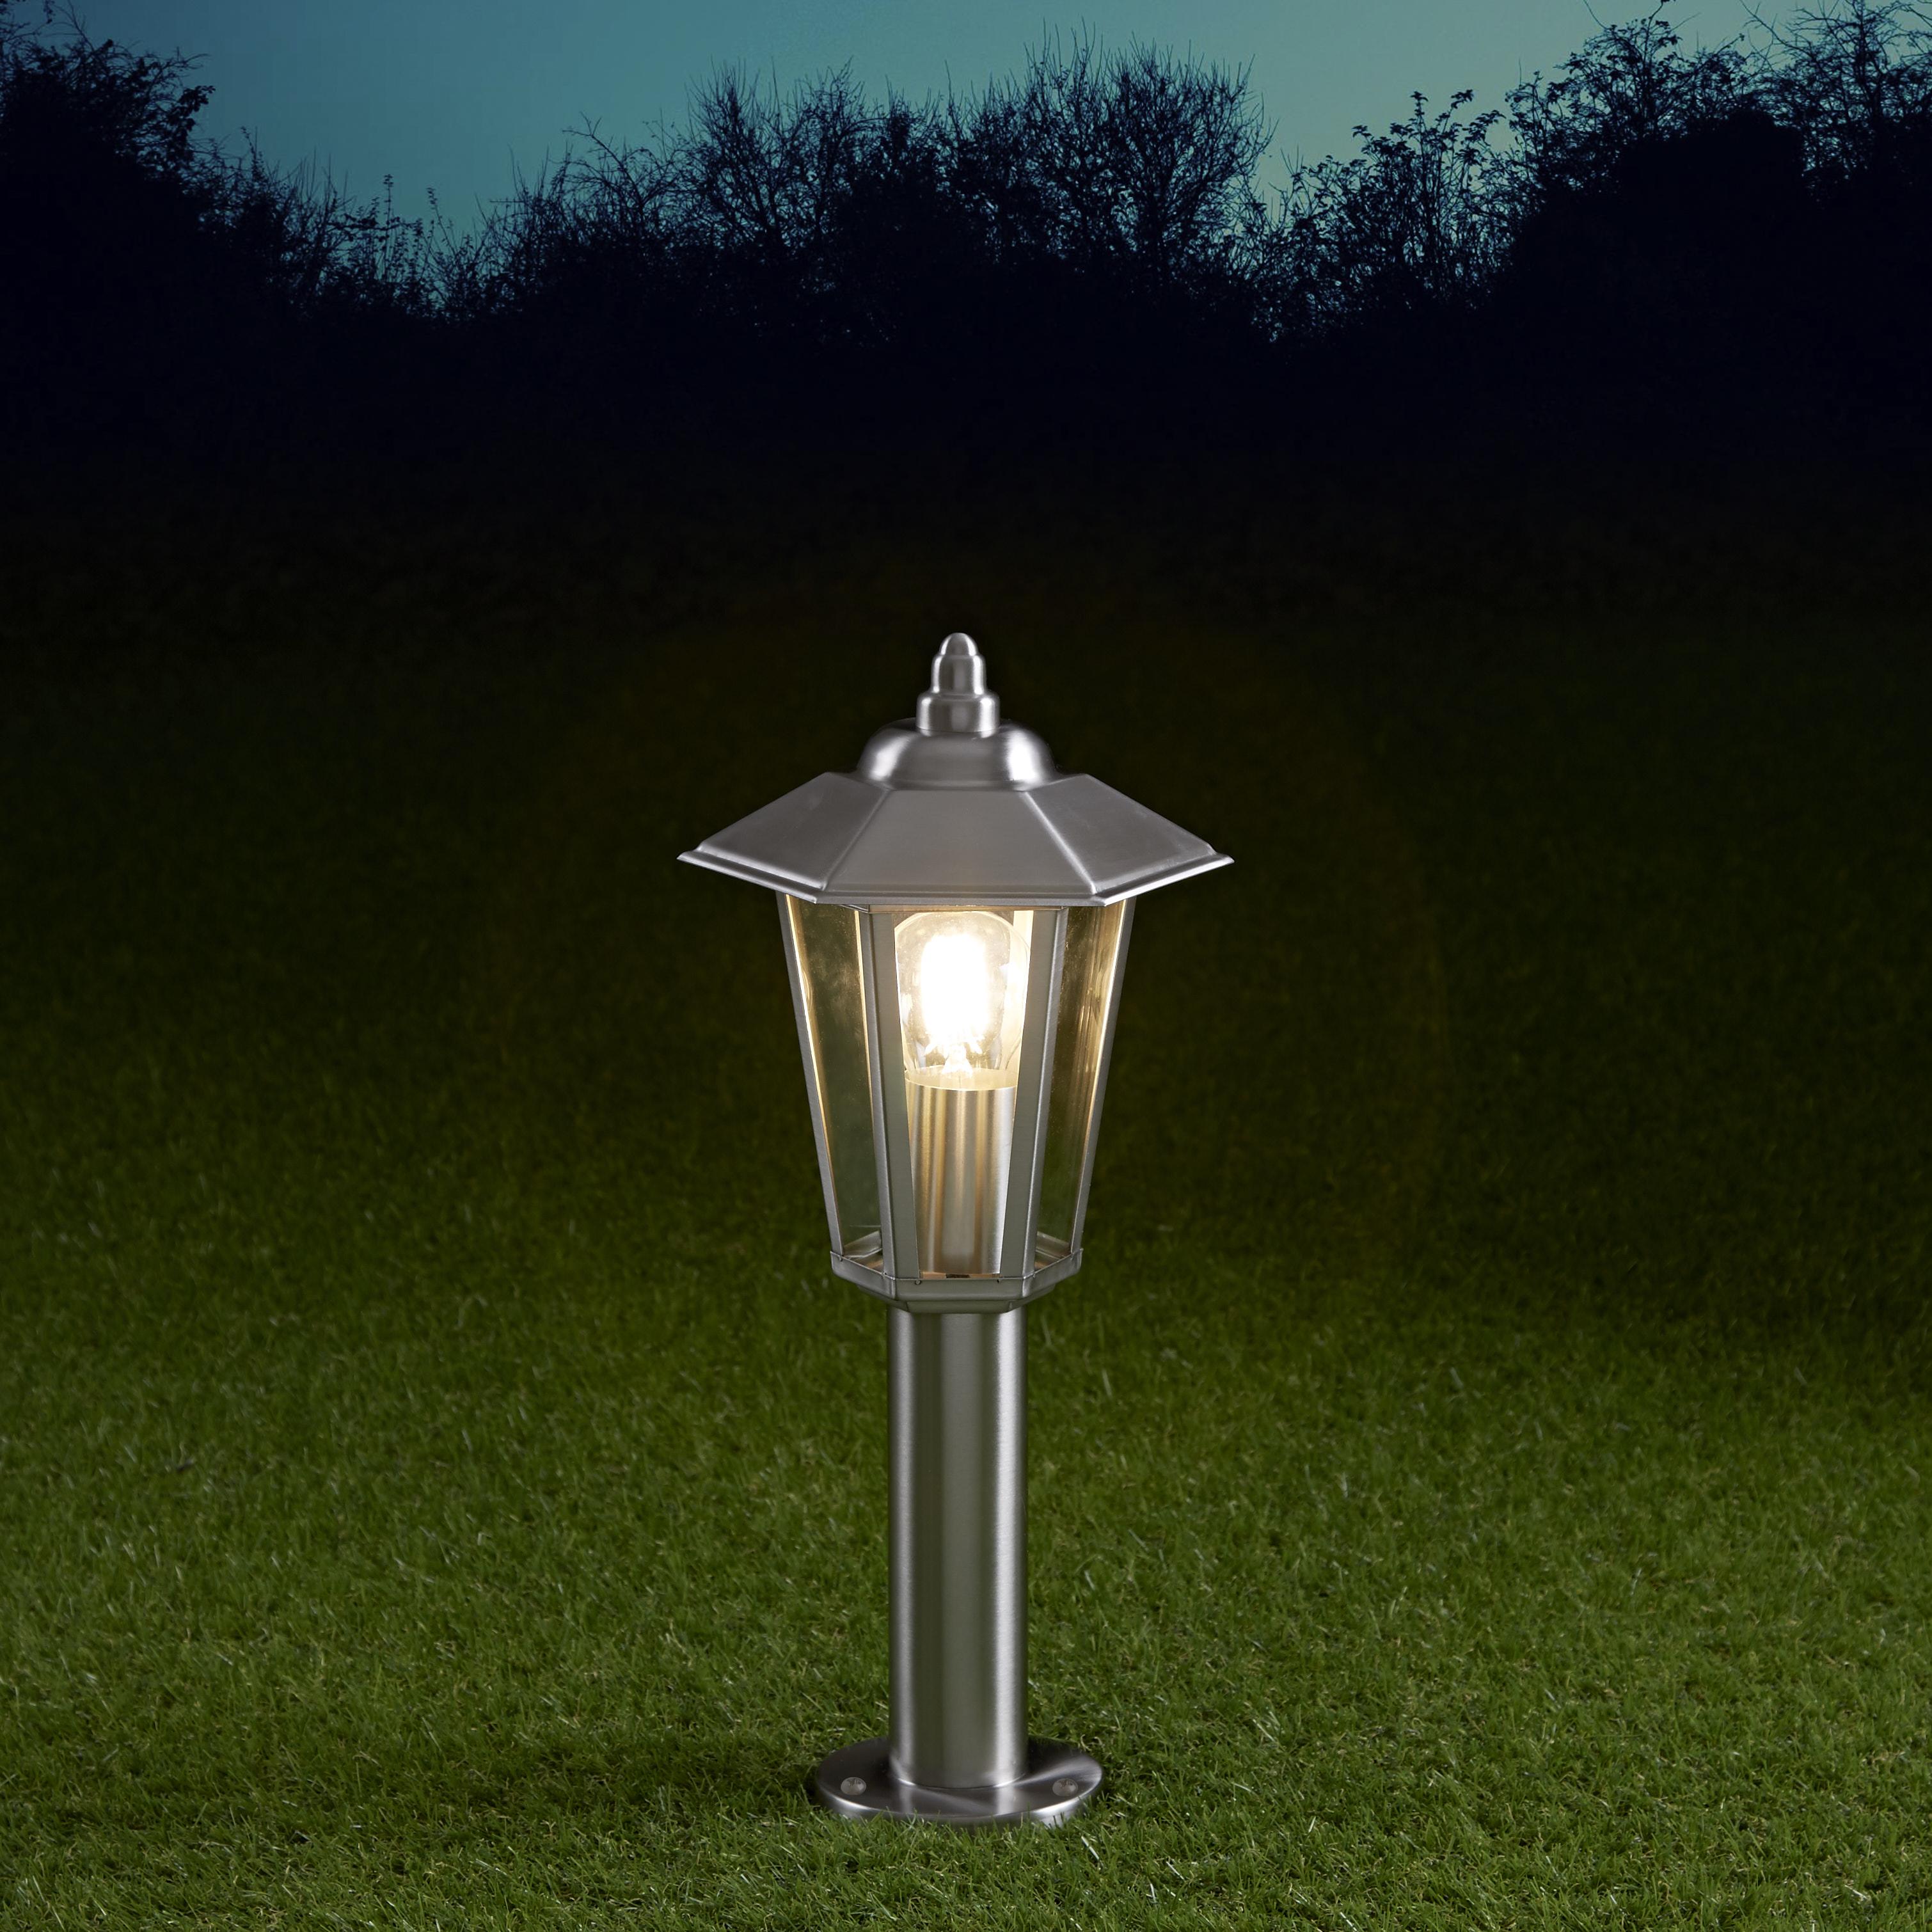 Sobremuro LED 450mm para Exteriores estilo Farol 6W de Acero Inoxidable - Cannes